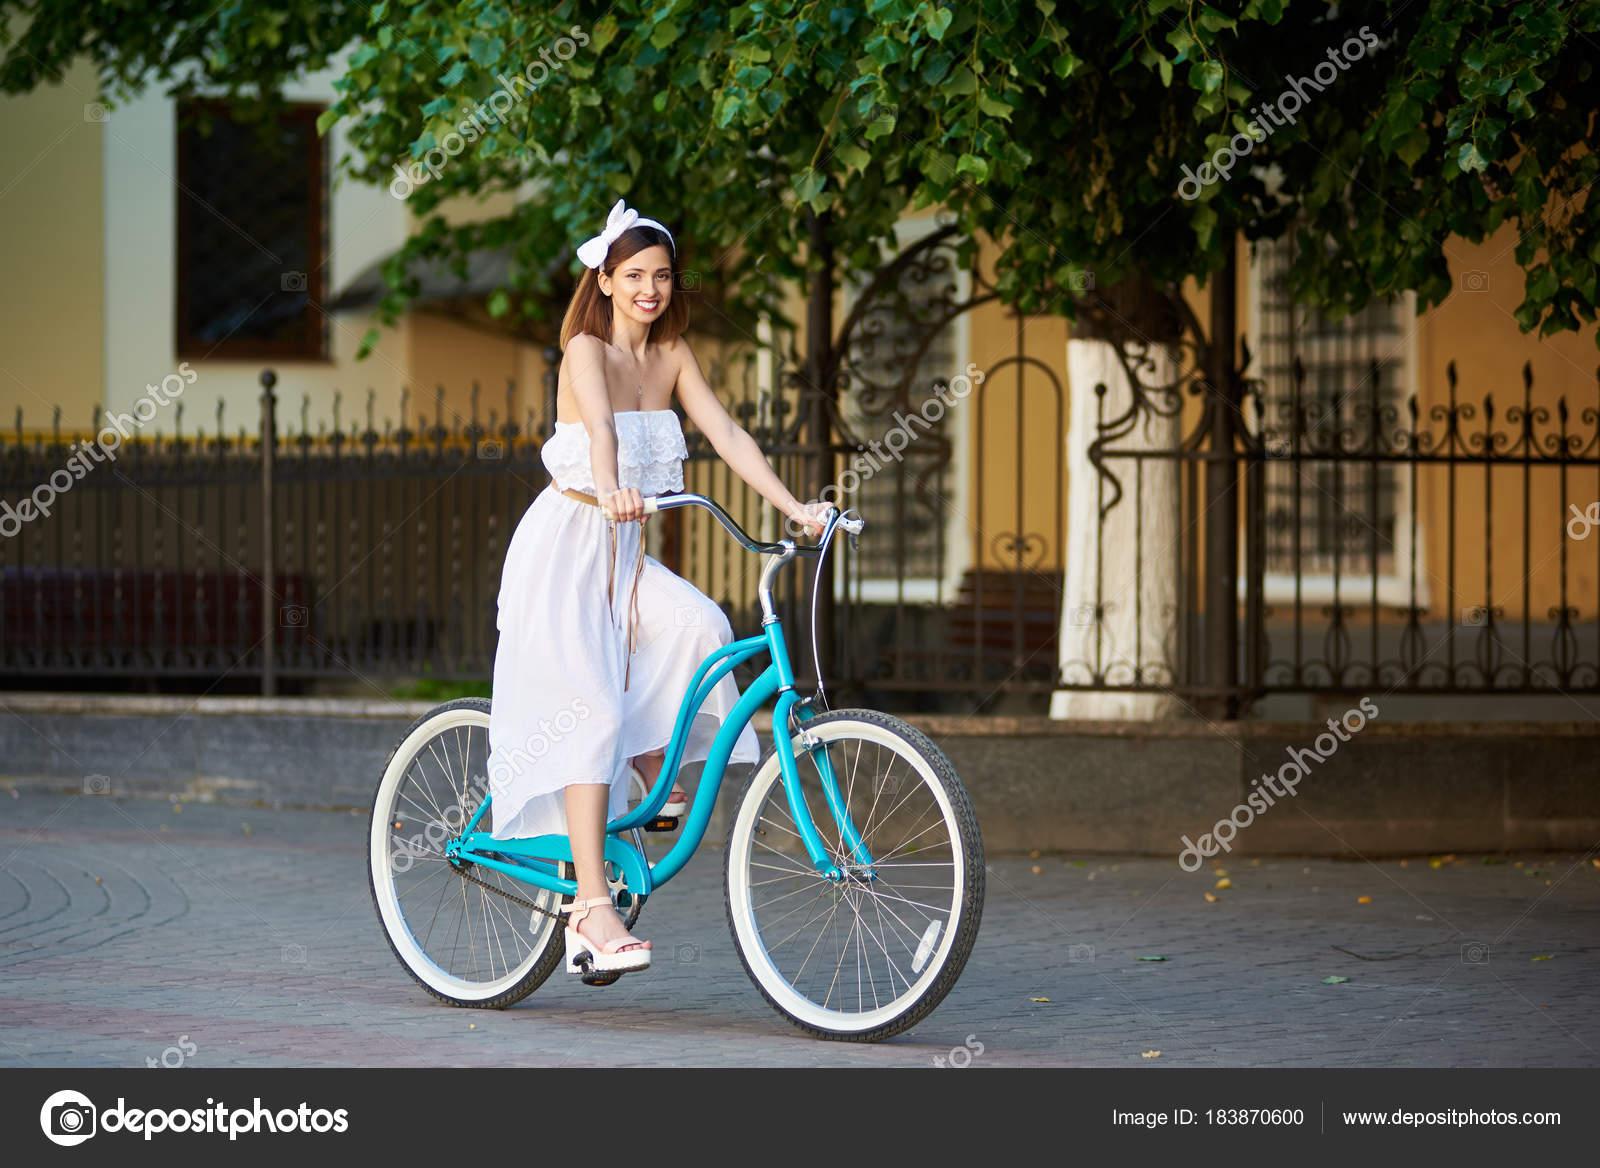 Frau Fröhliche Straße Der Radfahren Stadt Junge Kleid Auf 0Nn8wZOPkX